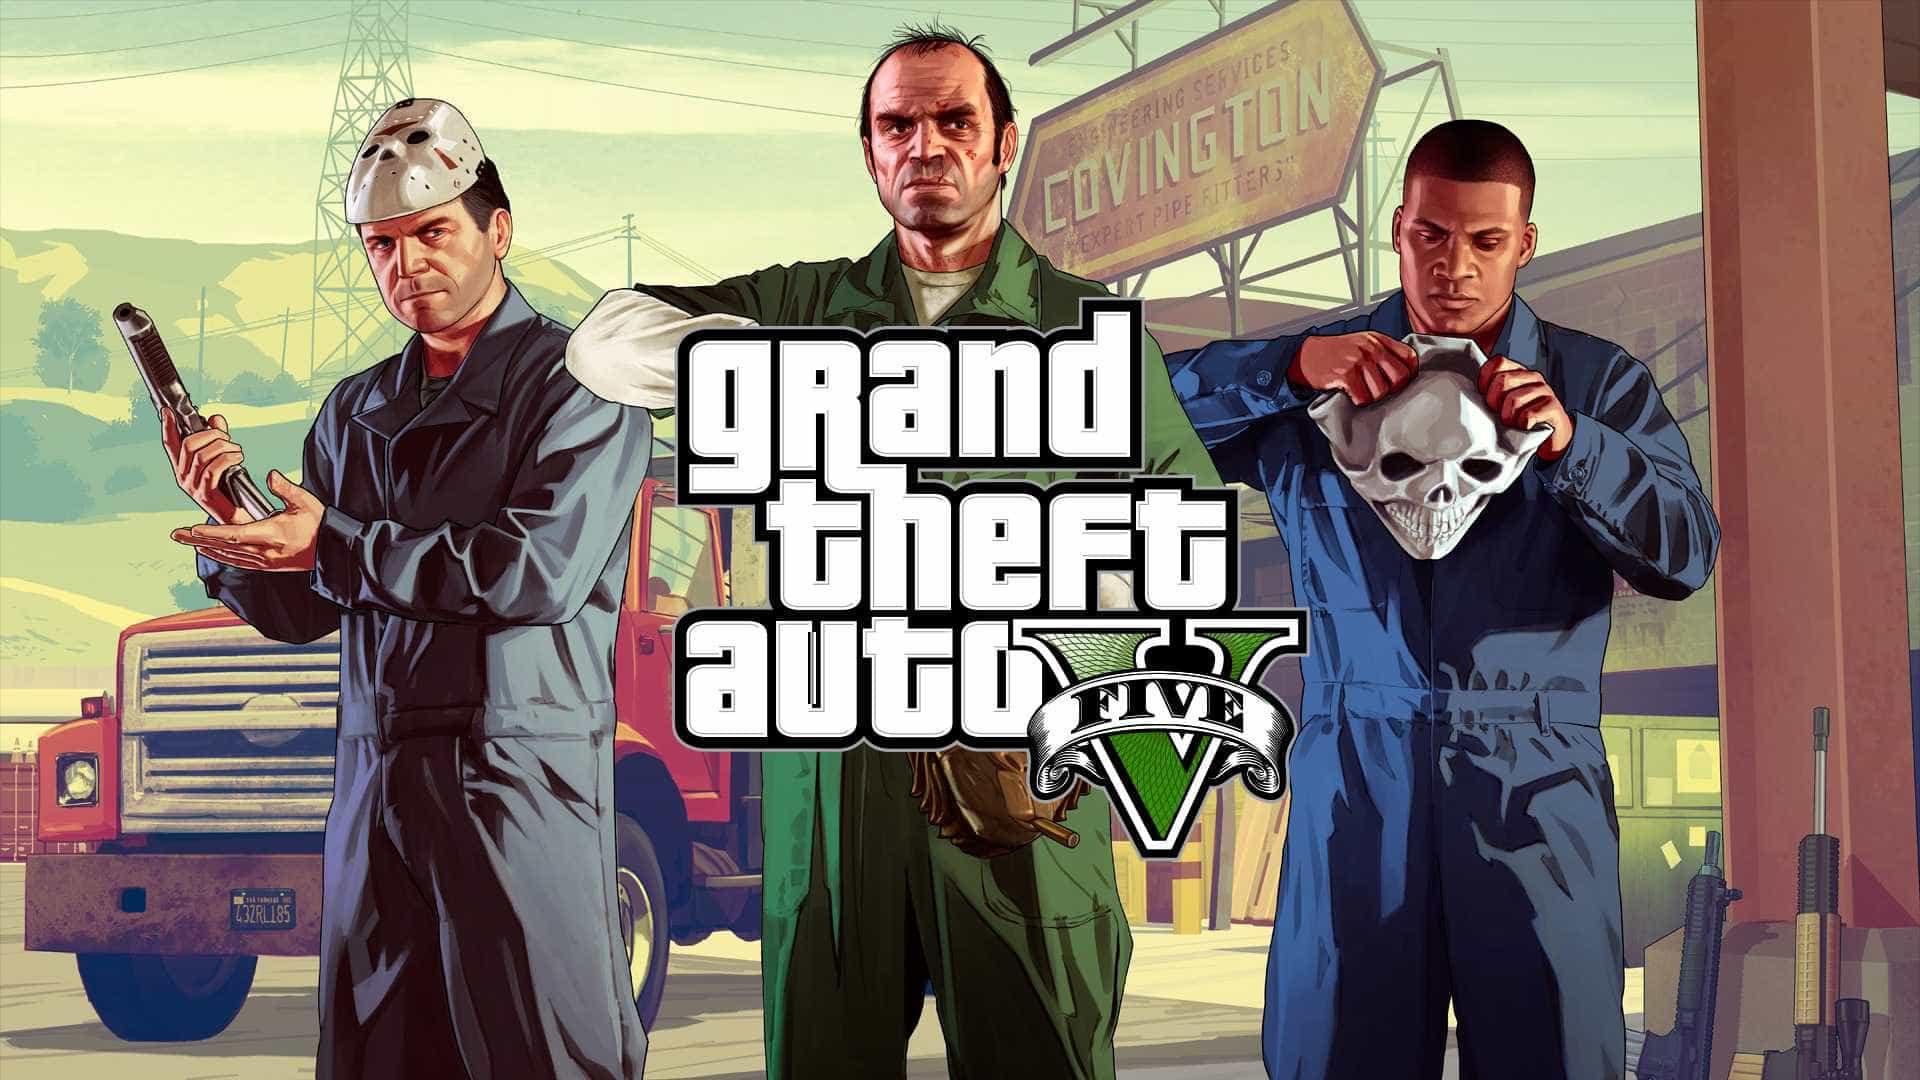 Empresa libera de graça versão do game GTA, mas site trava